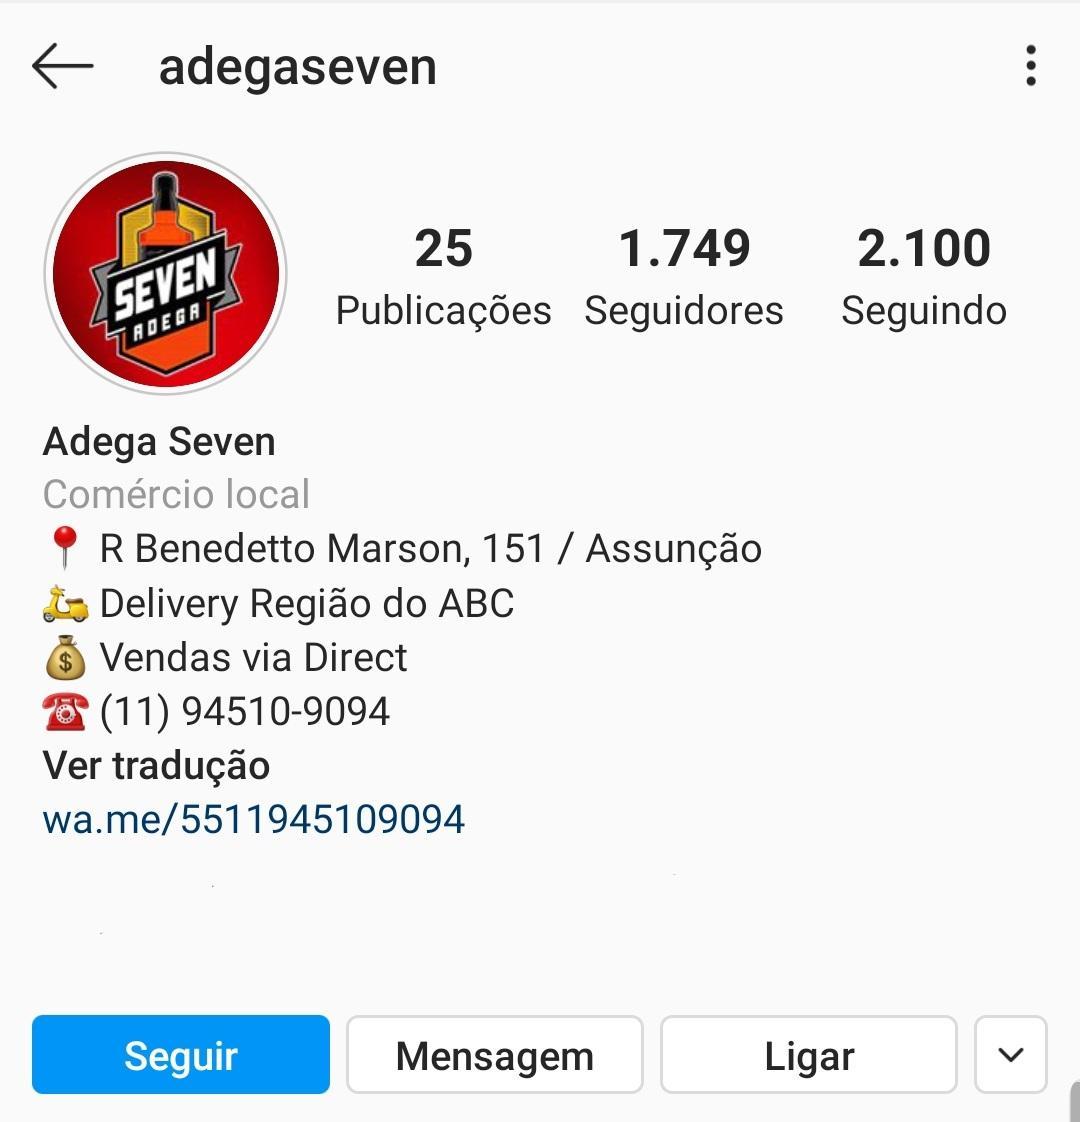 Imagem mostra o Instagram da Adega Seven